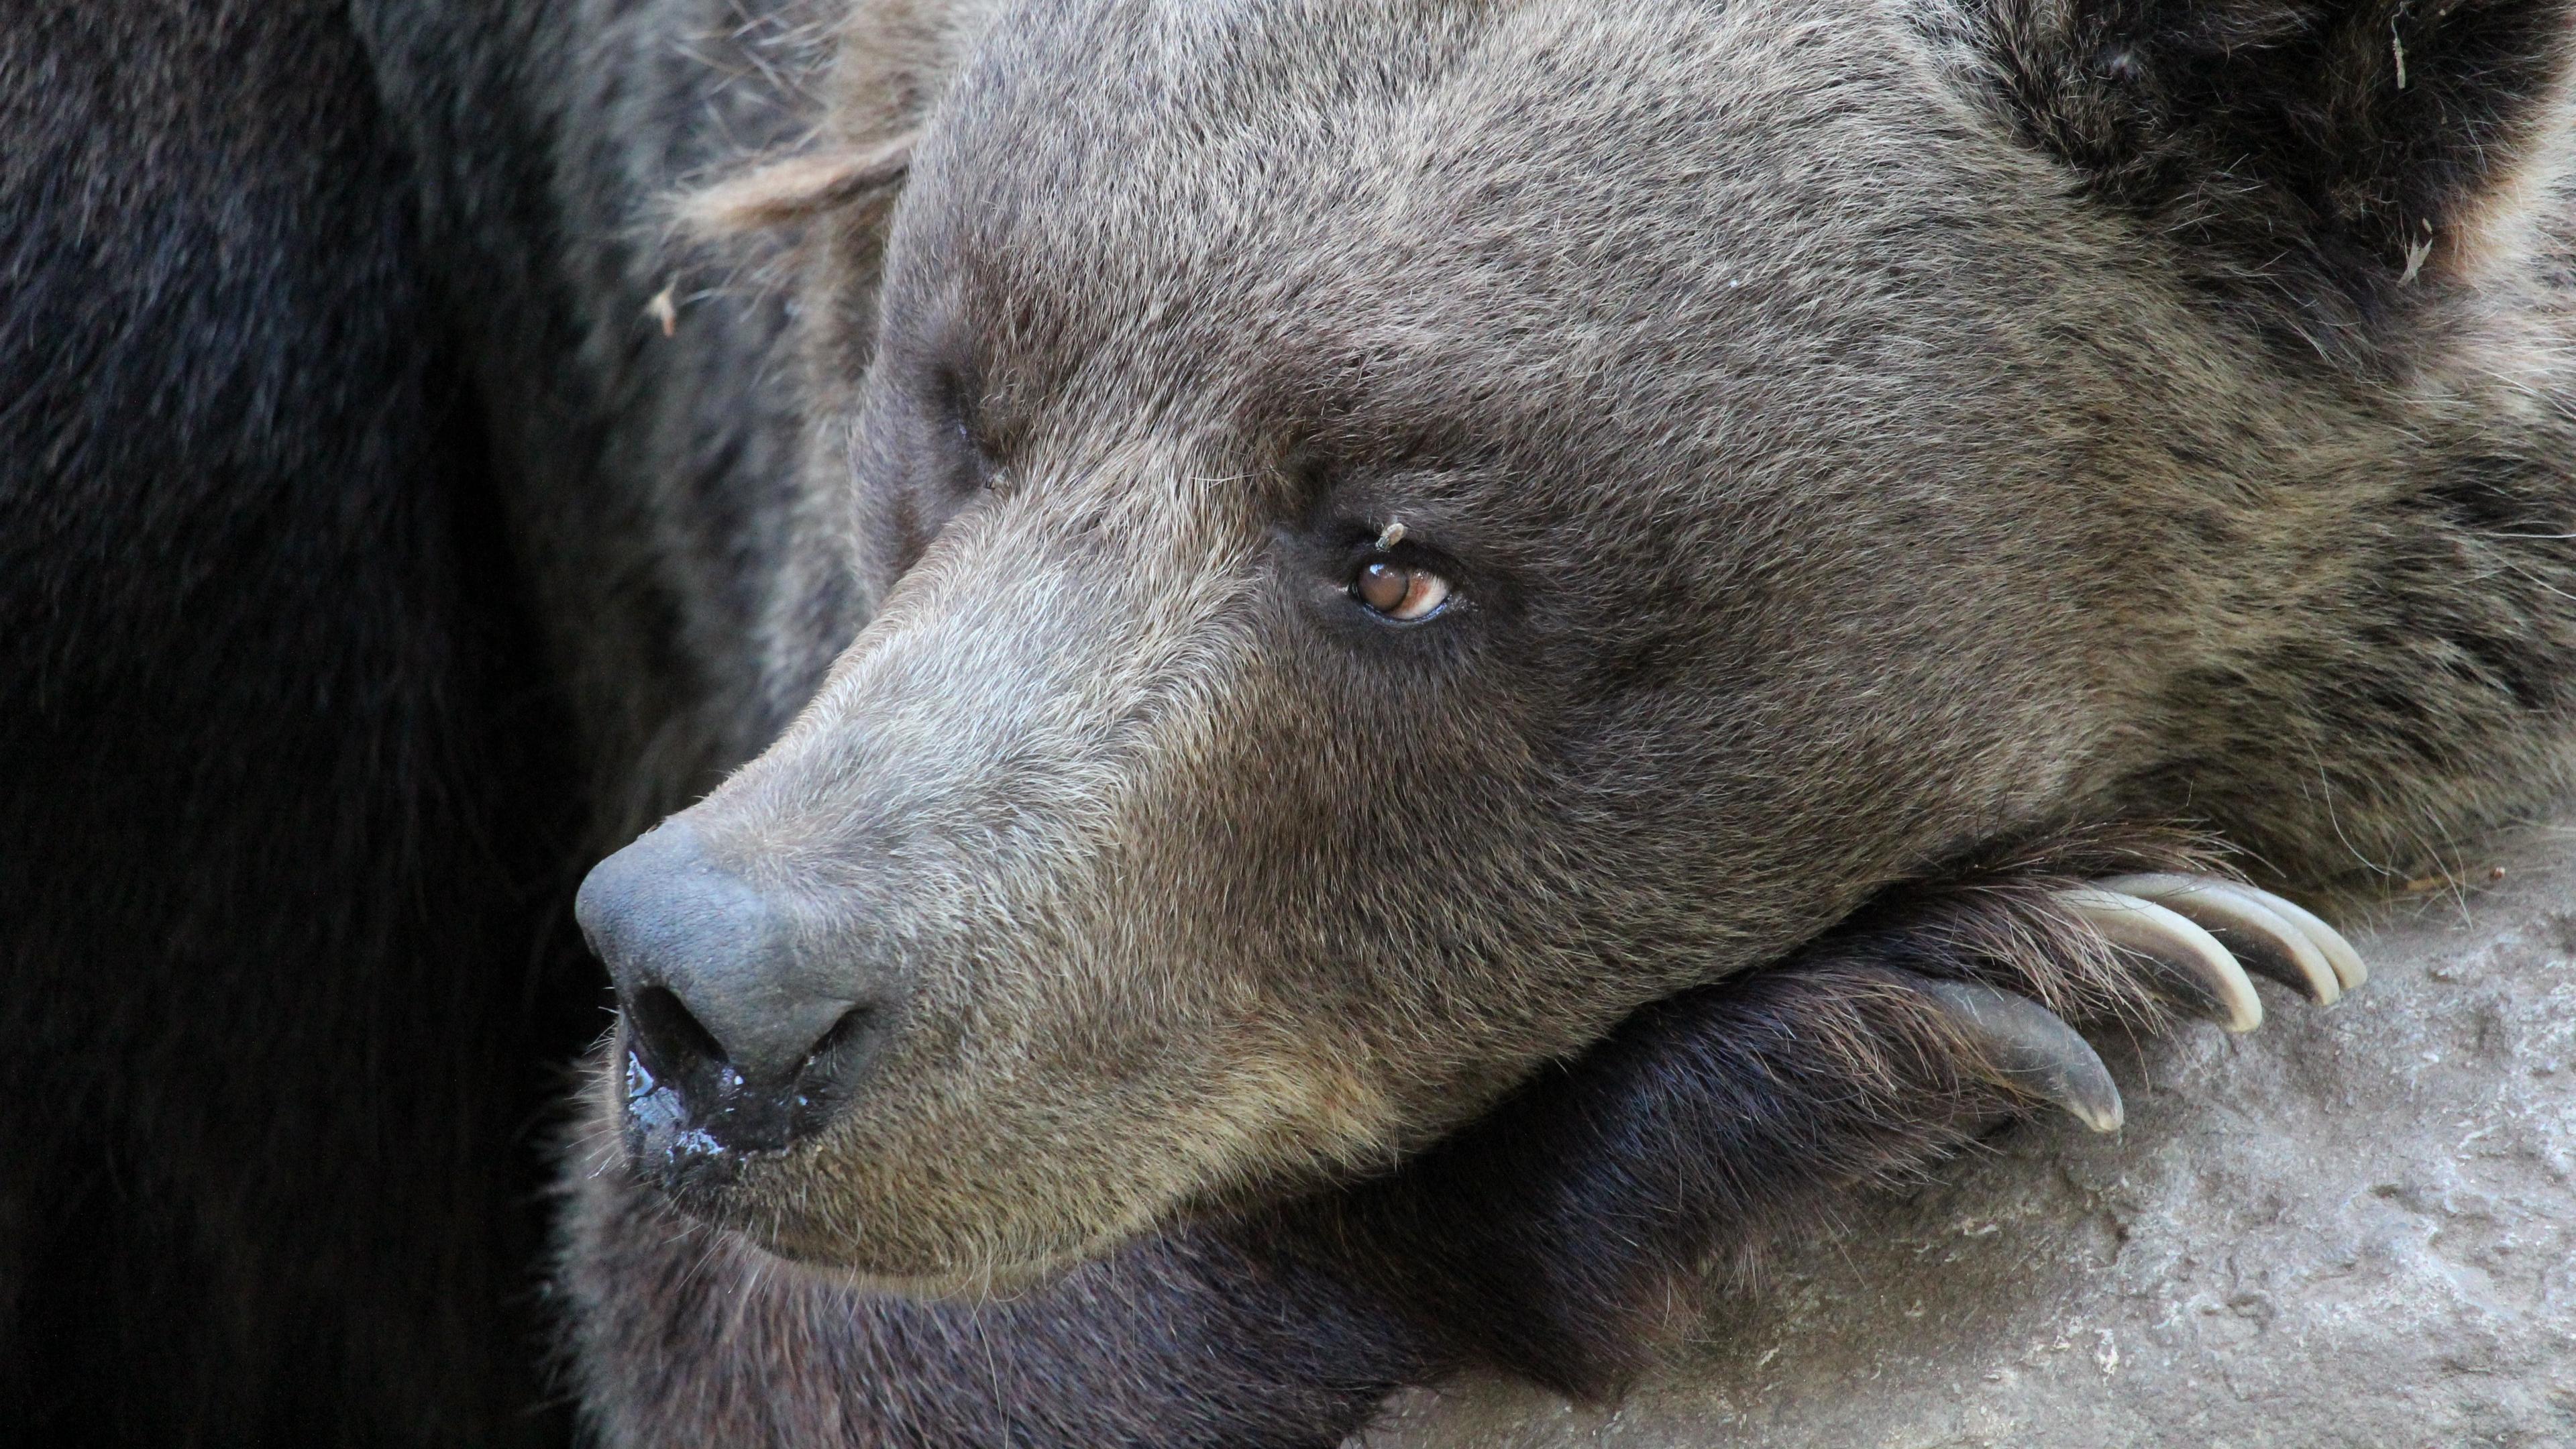 bear muzzle paw claws 4k 1542242587 - bear, muzzle, paw, claws 4k - paw, muzzle, Bear